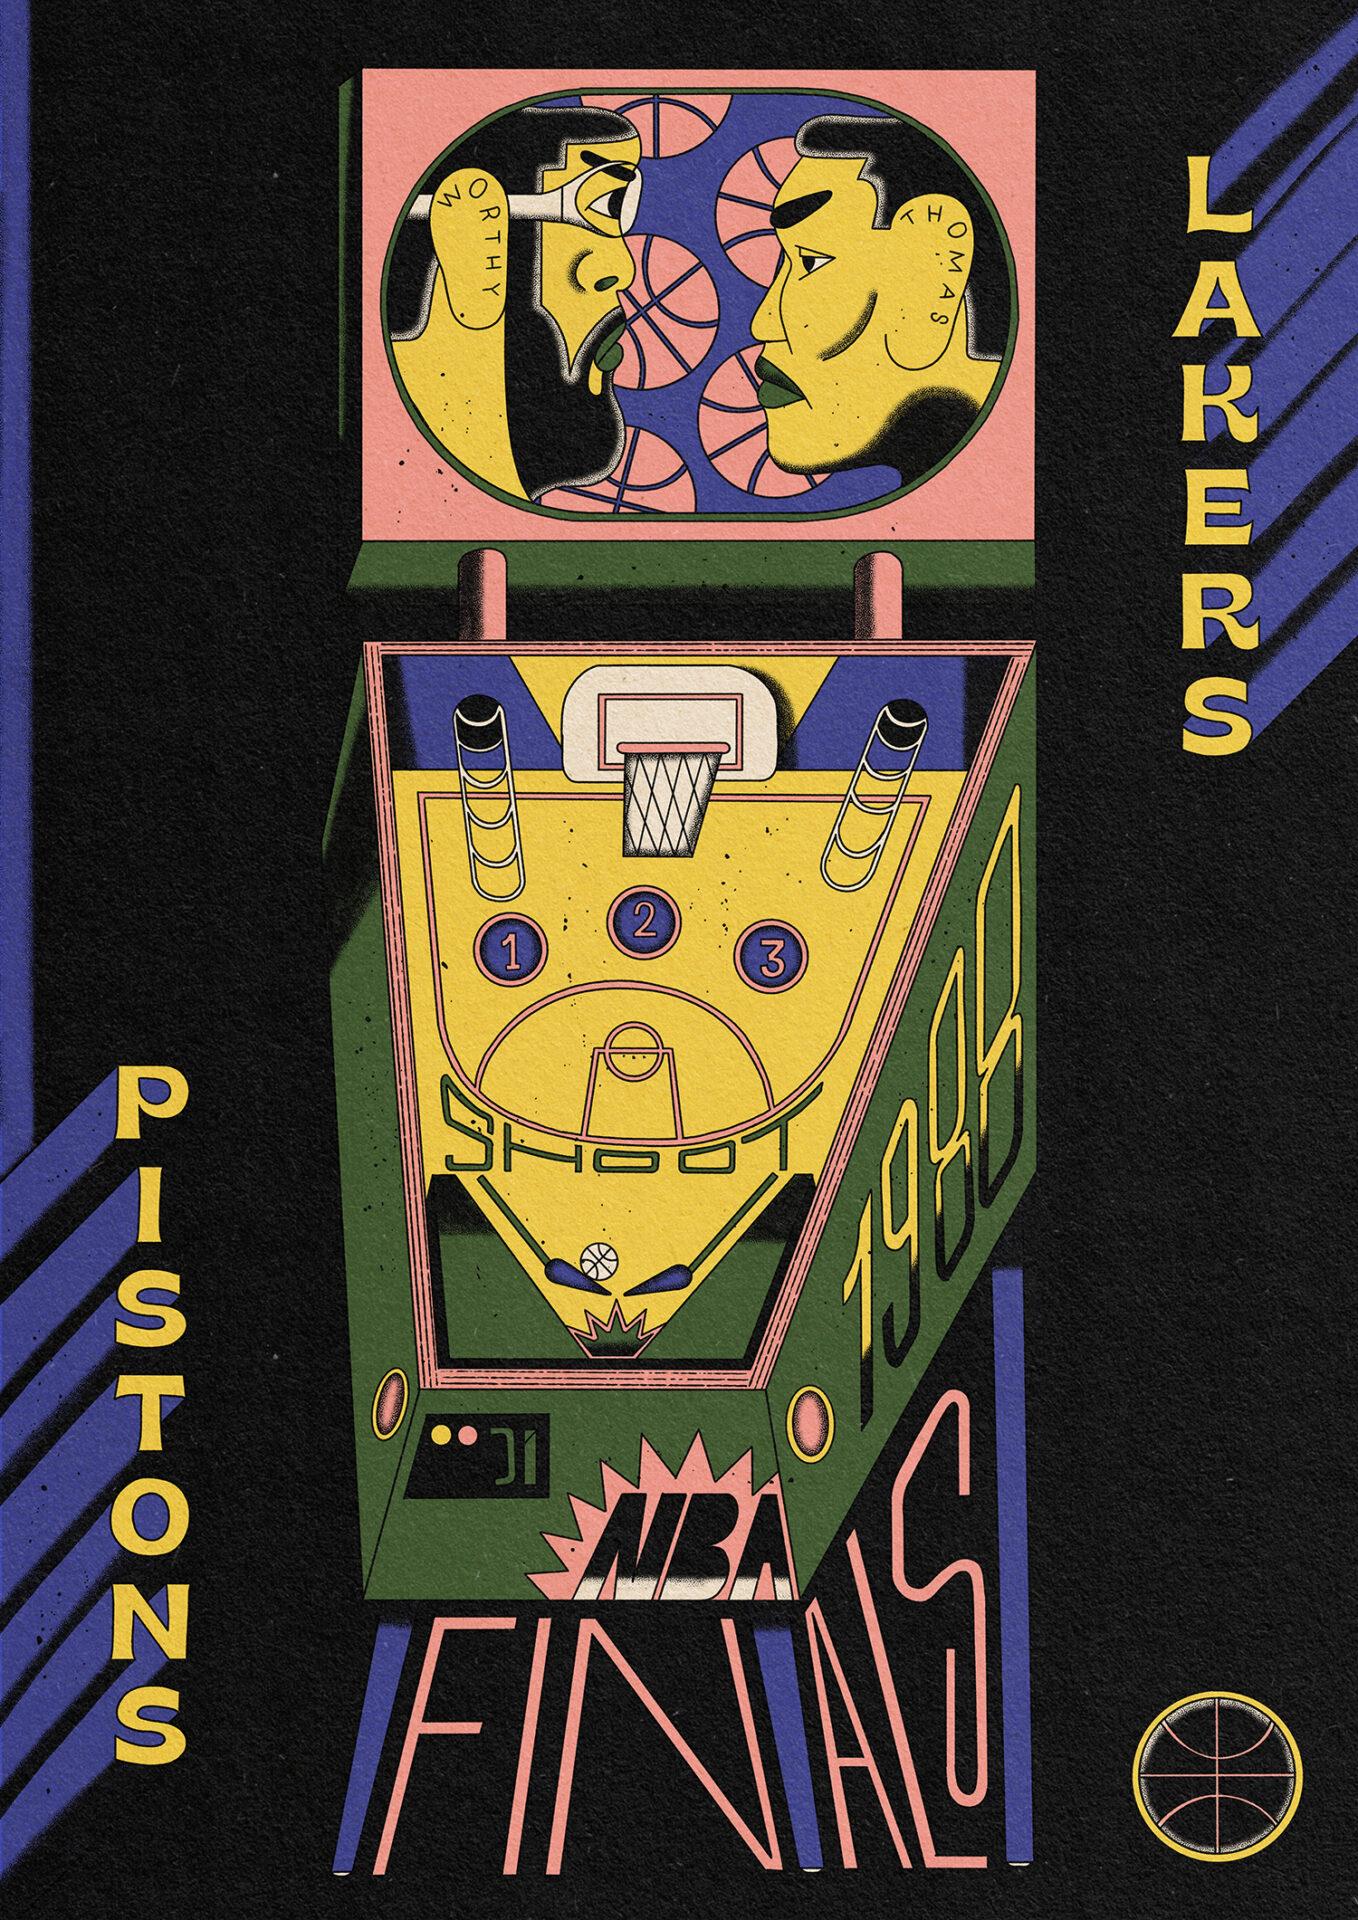 NBA_Finals_88